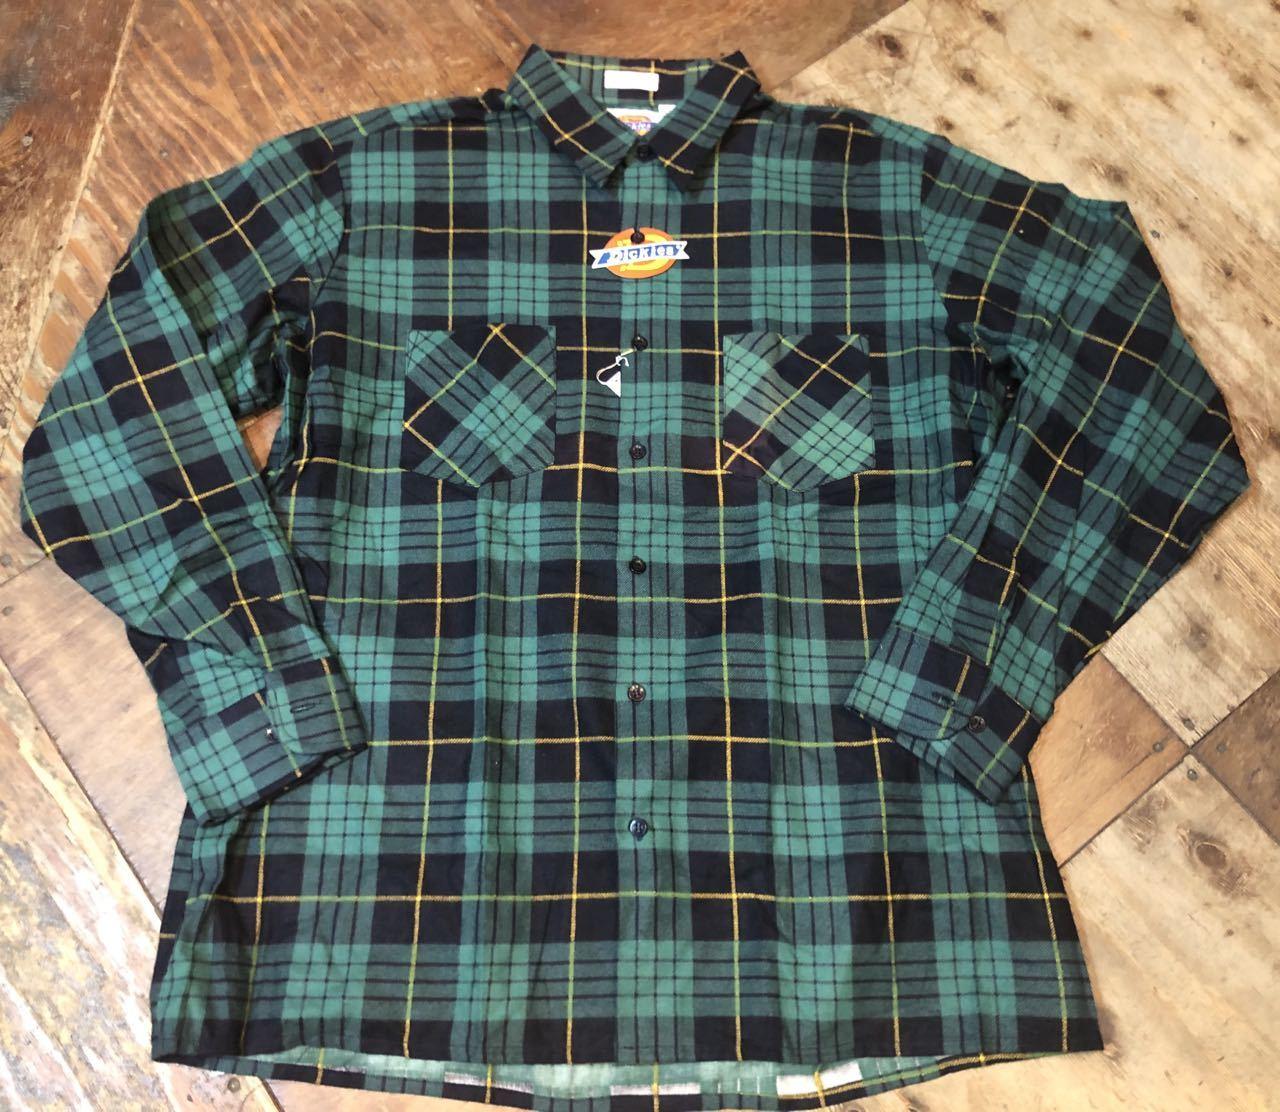 90s デッドストック Made in U.S.A  デッキーズ ネルシャツ!_c0144020_13503375.jpg